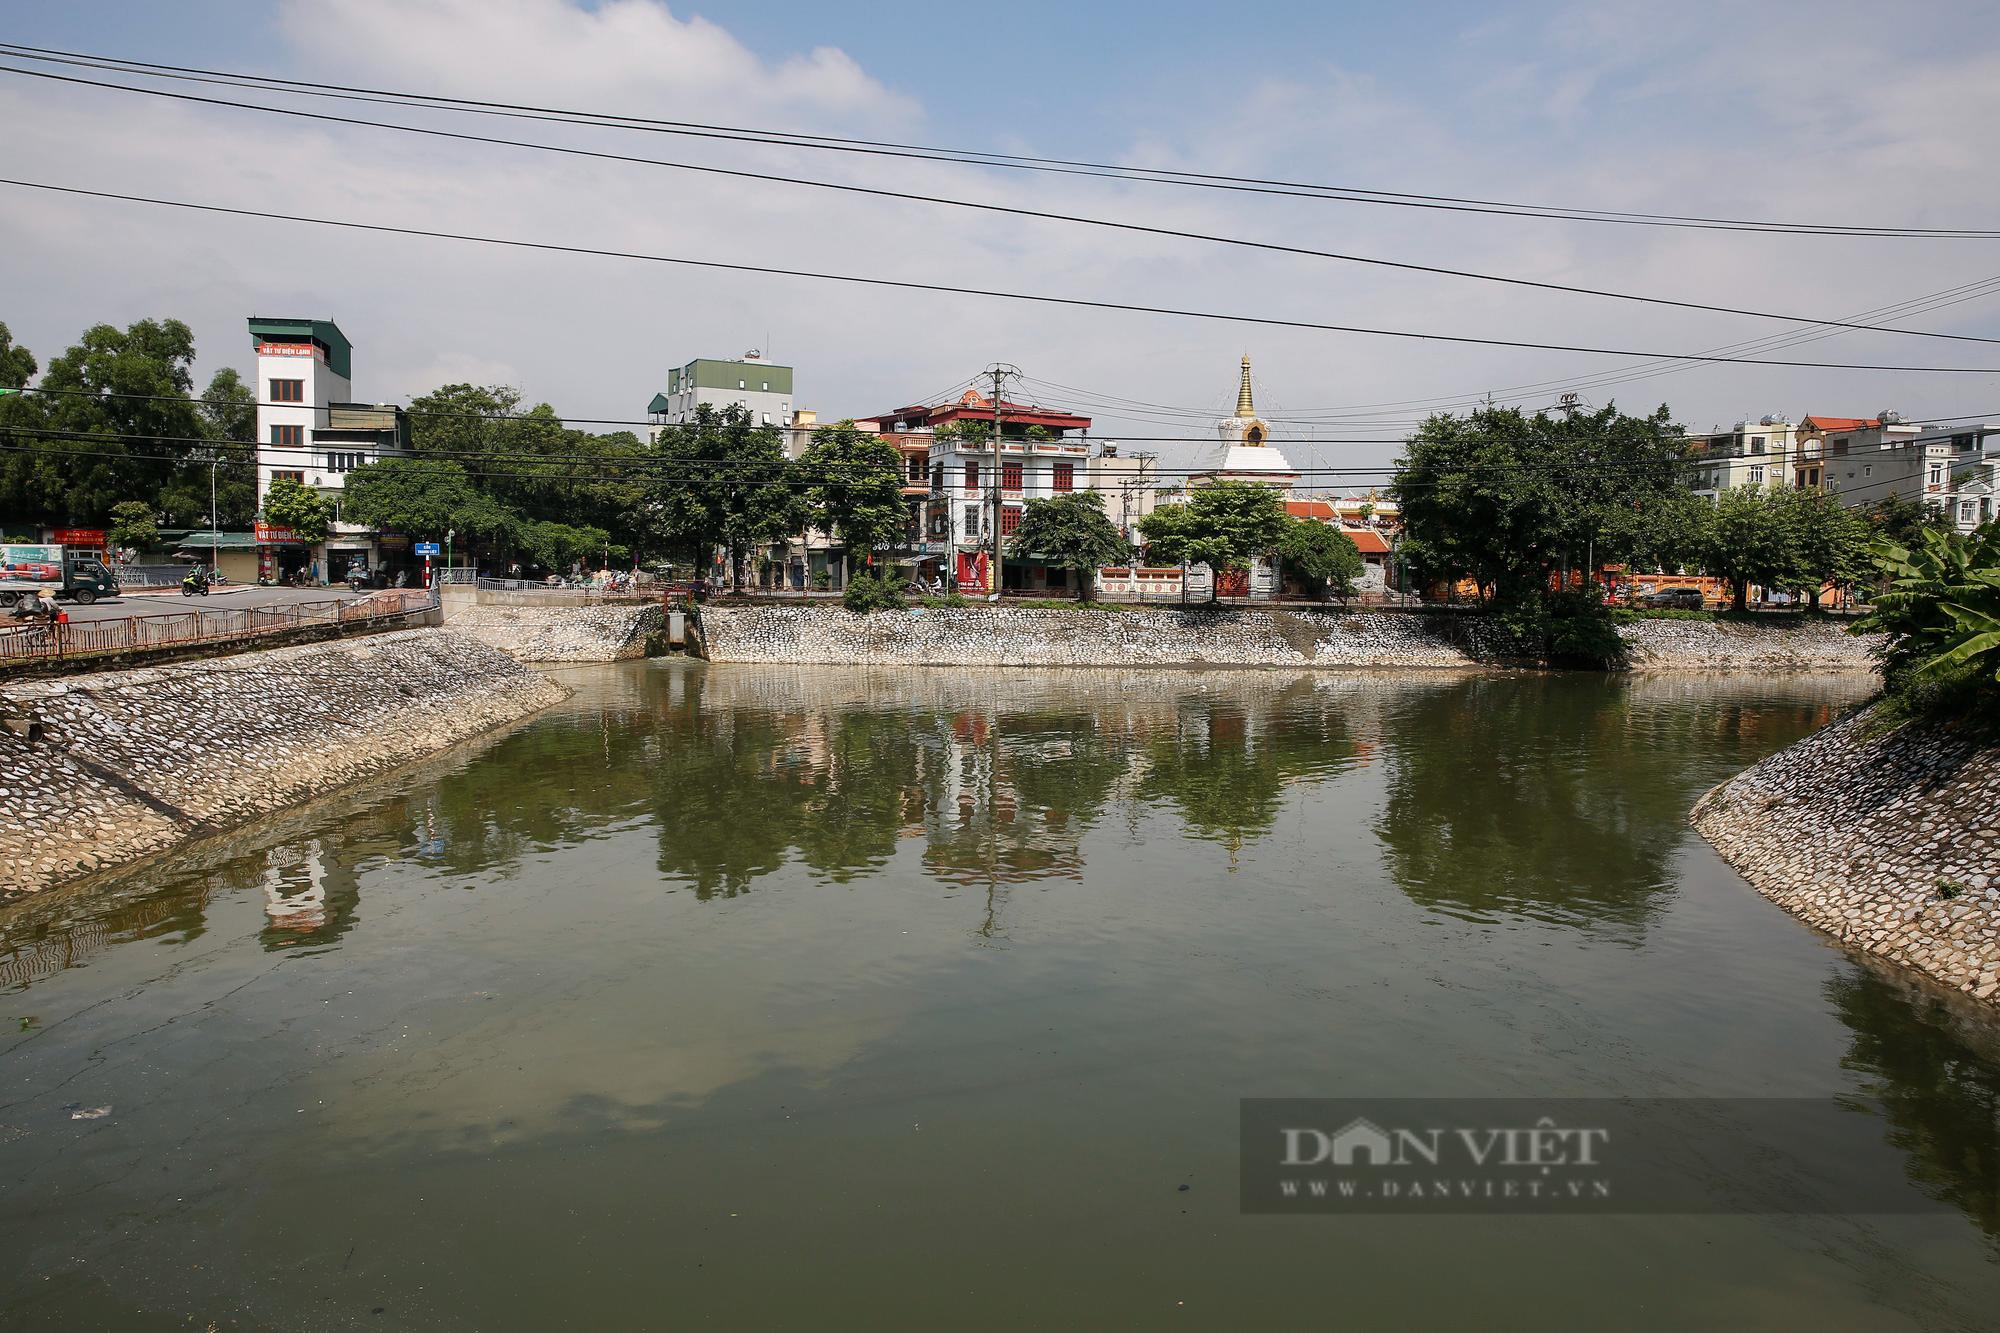 Vẻ đẹp khác lạ của con sông ô nhiễm nhất Hà Nội sau khi đổi màu nước - Ảnh 6.